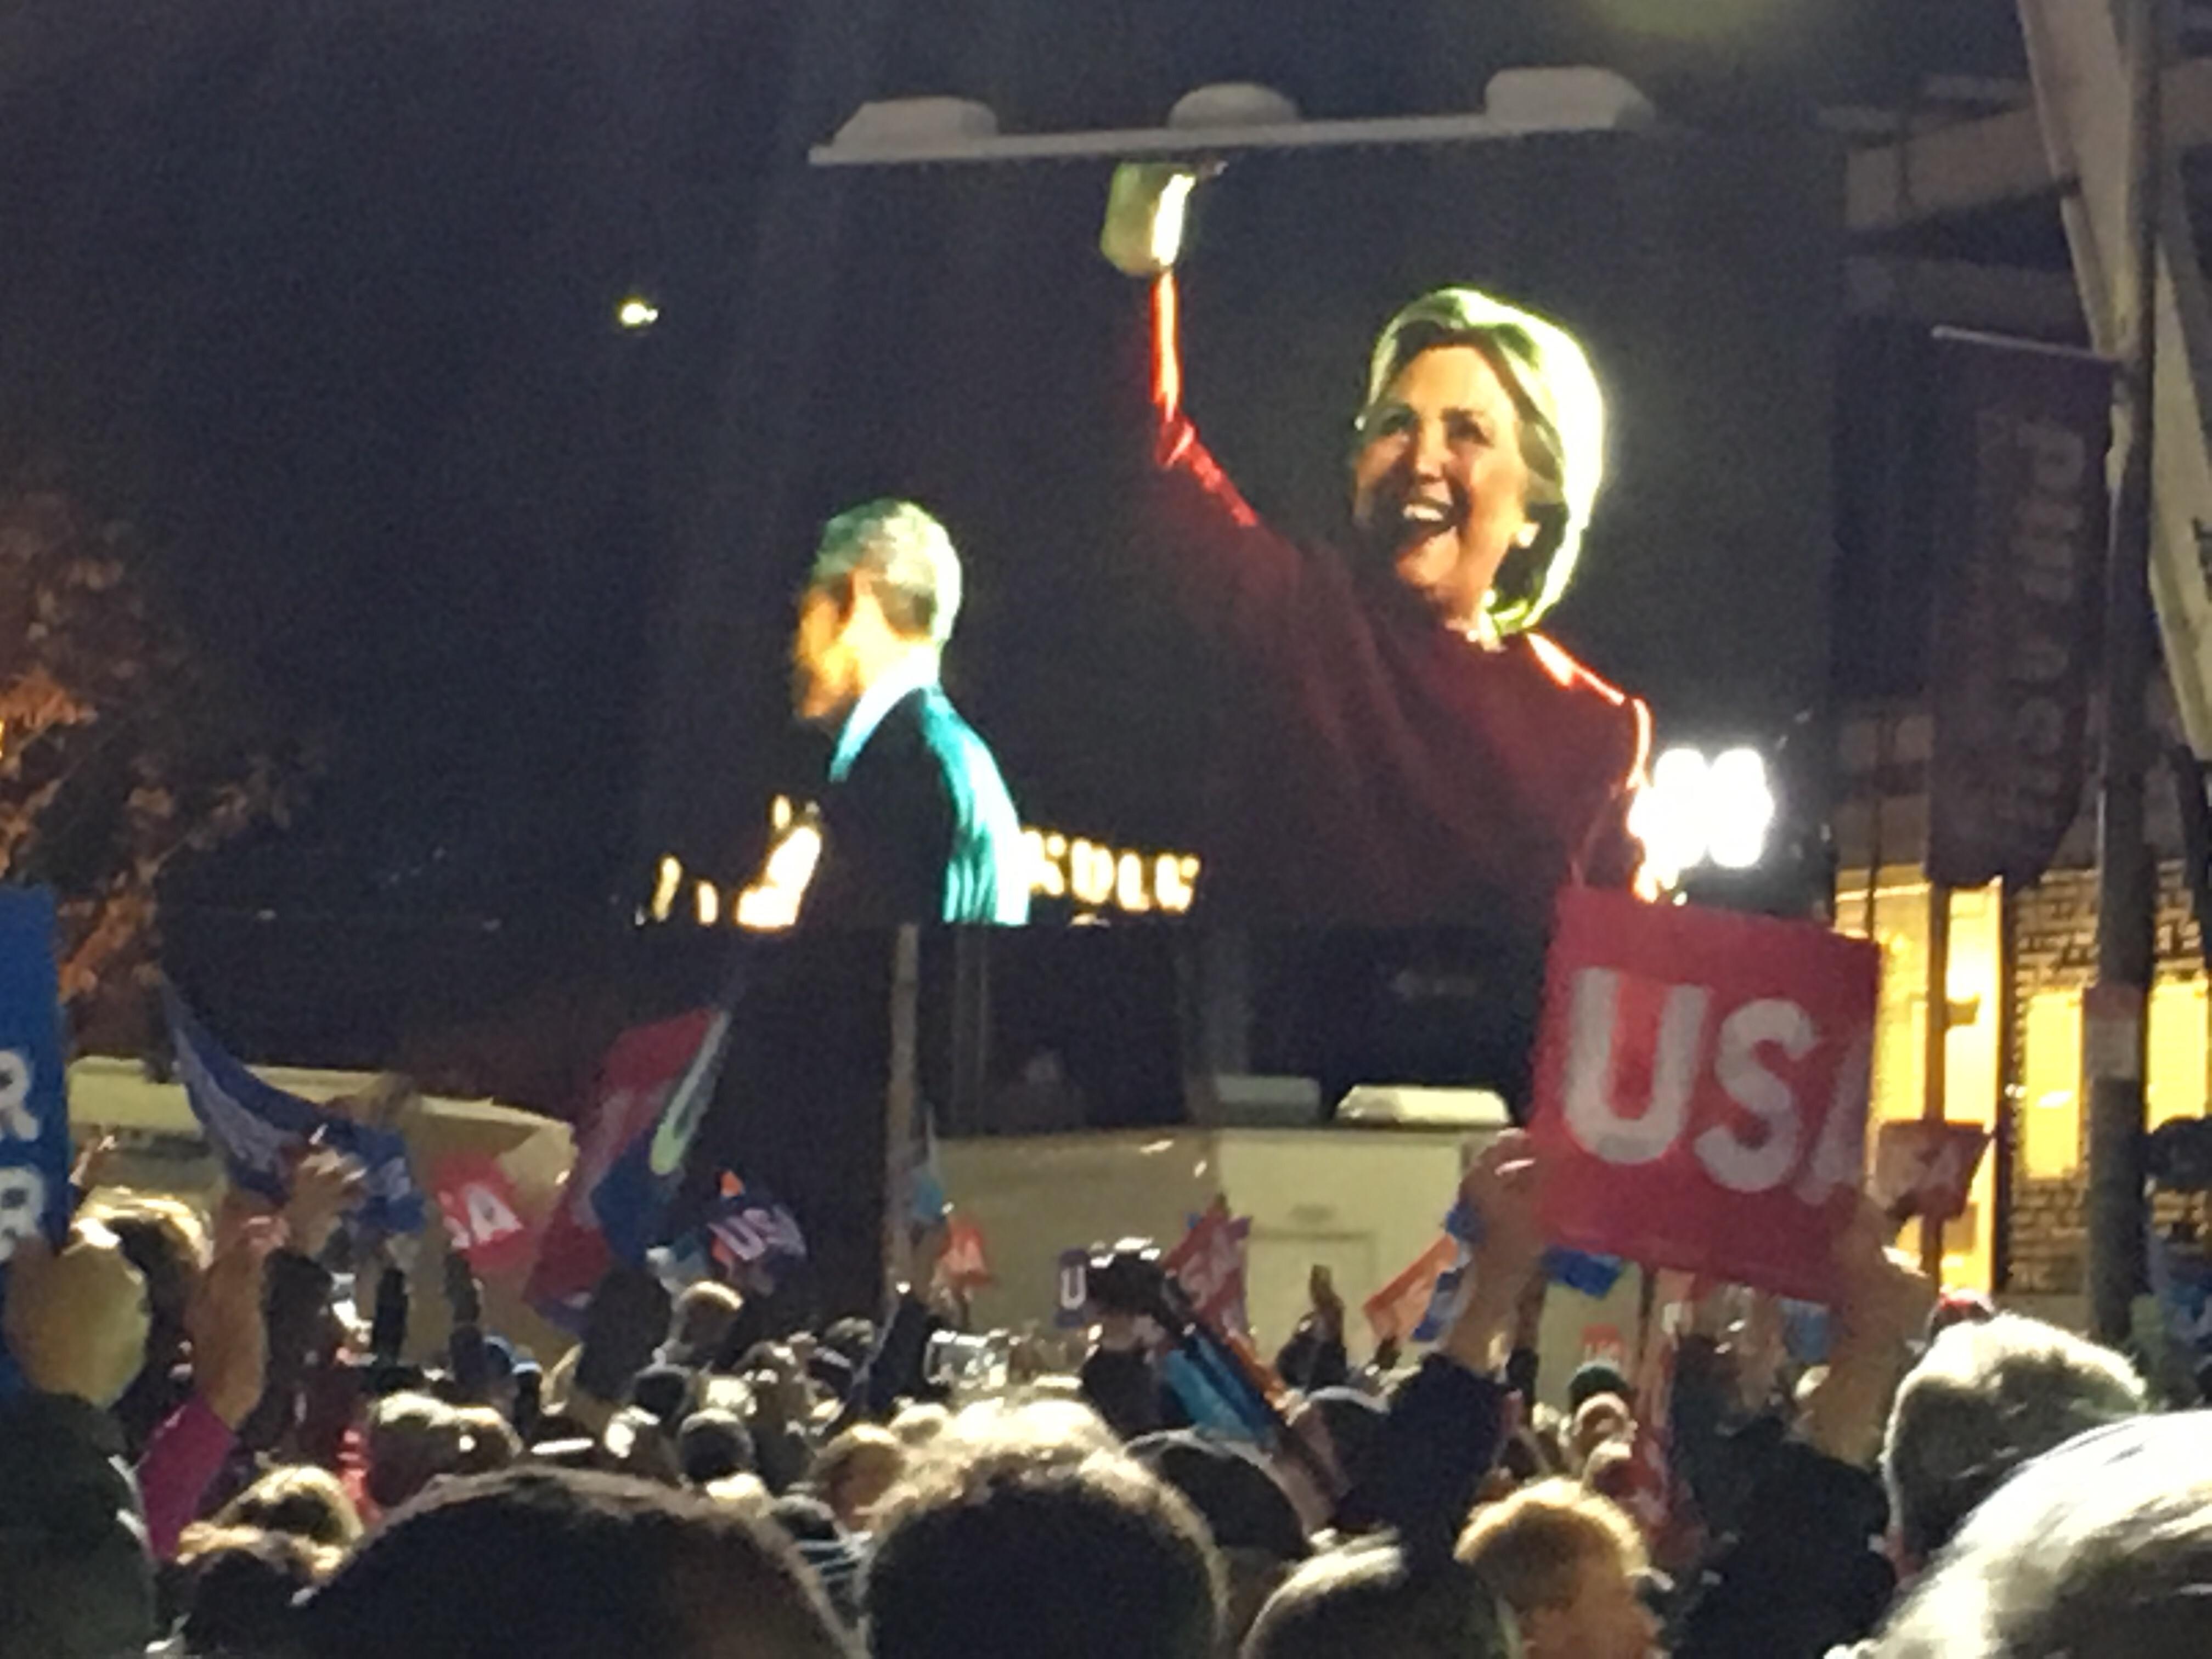 Slutspurtsmöte med Clinton, Obama, Springsteen